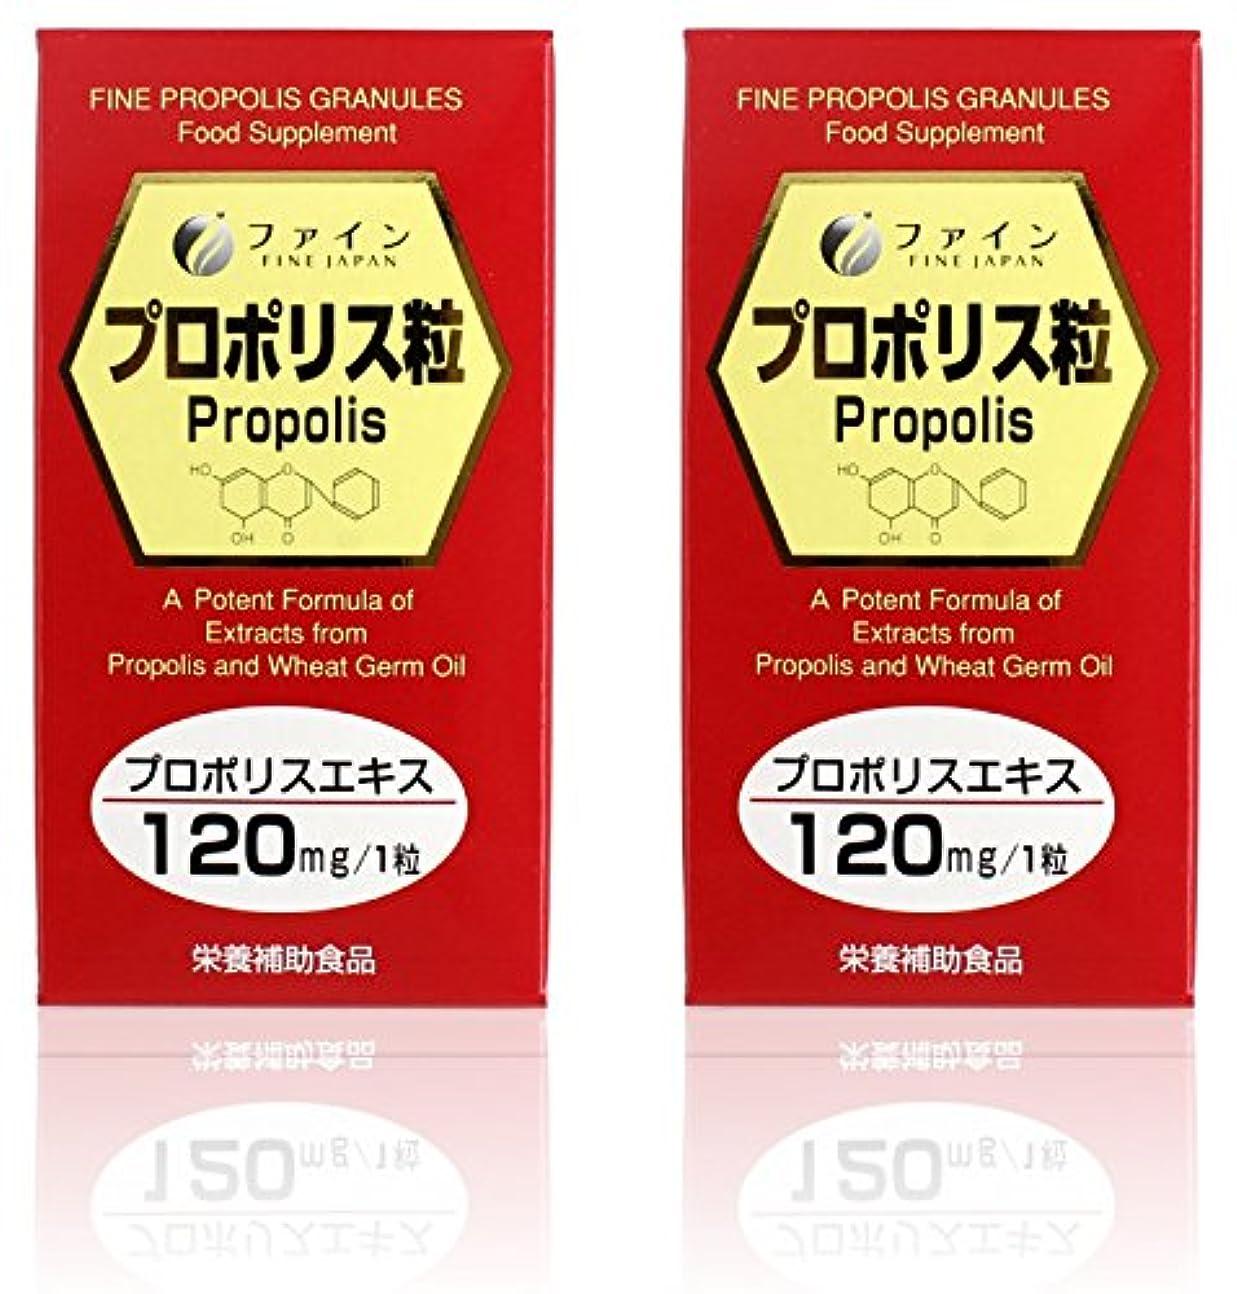 ハングウィンク役に立つファイン プロポリス粒 プロポリスエキス120mg配合 (1日2~5粒/150粒入)×2個セット